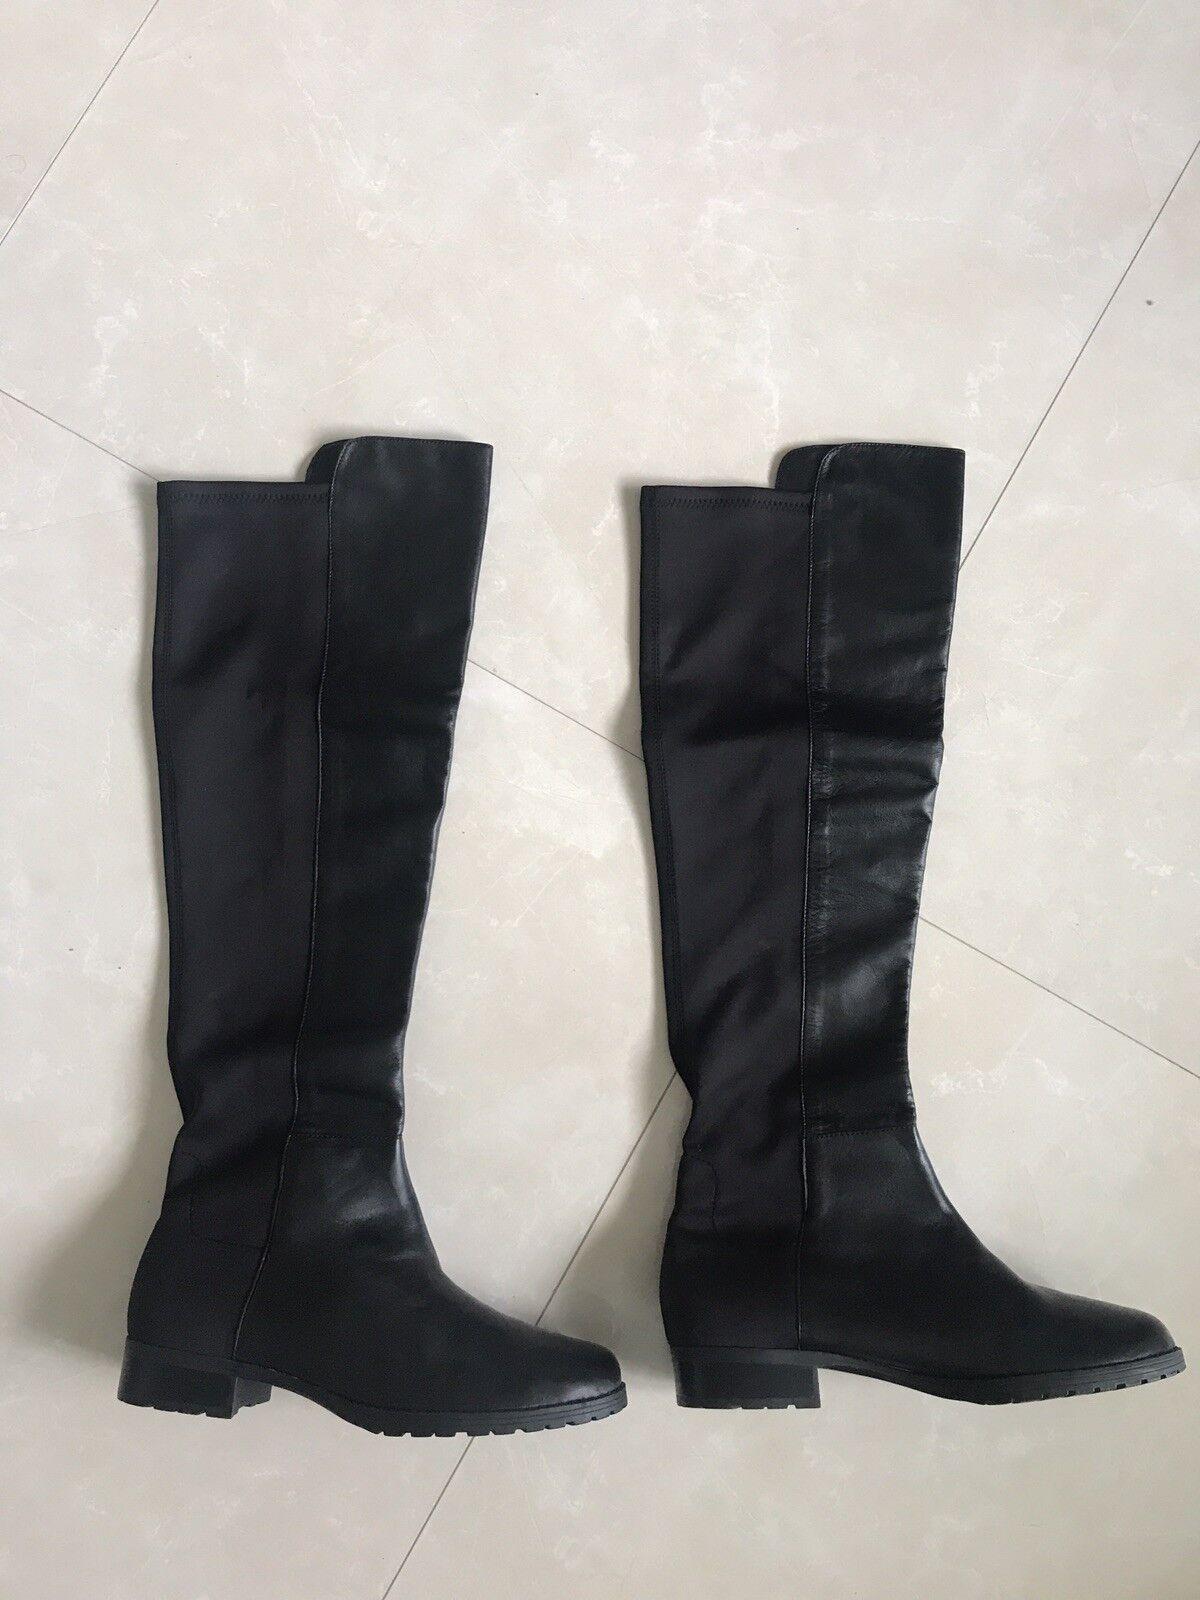 Nuevas botas de de botas cuero negro Ralph Lauren Talla 8.5  239 9e6624